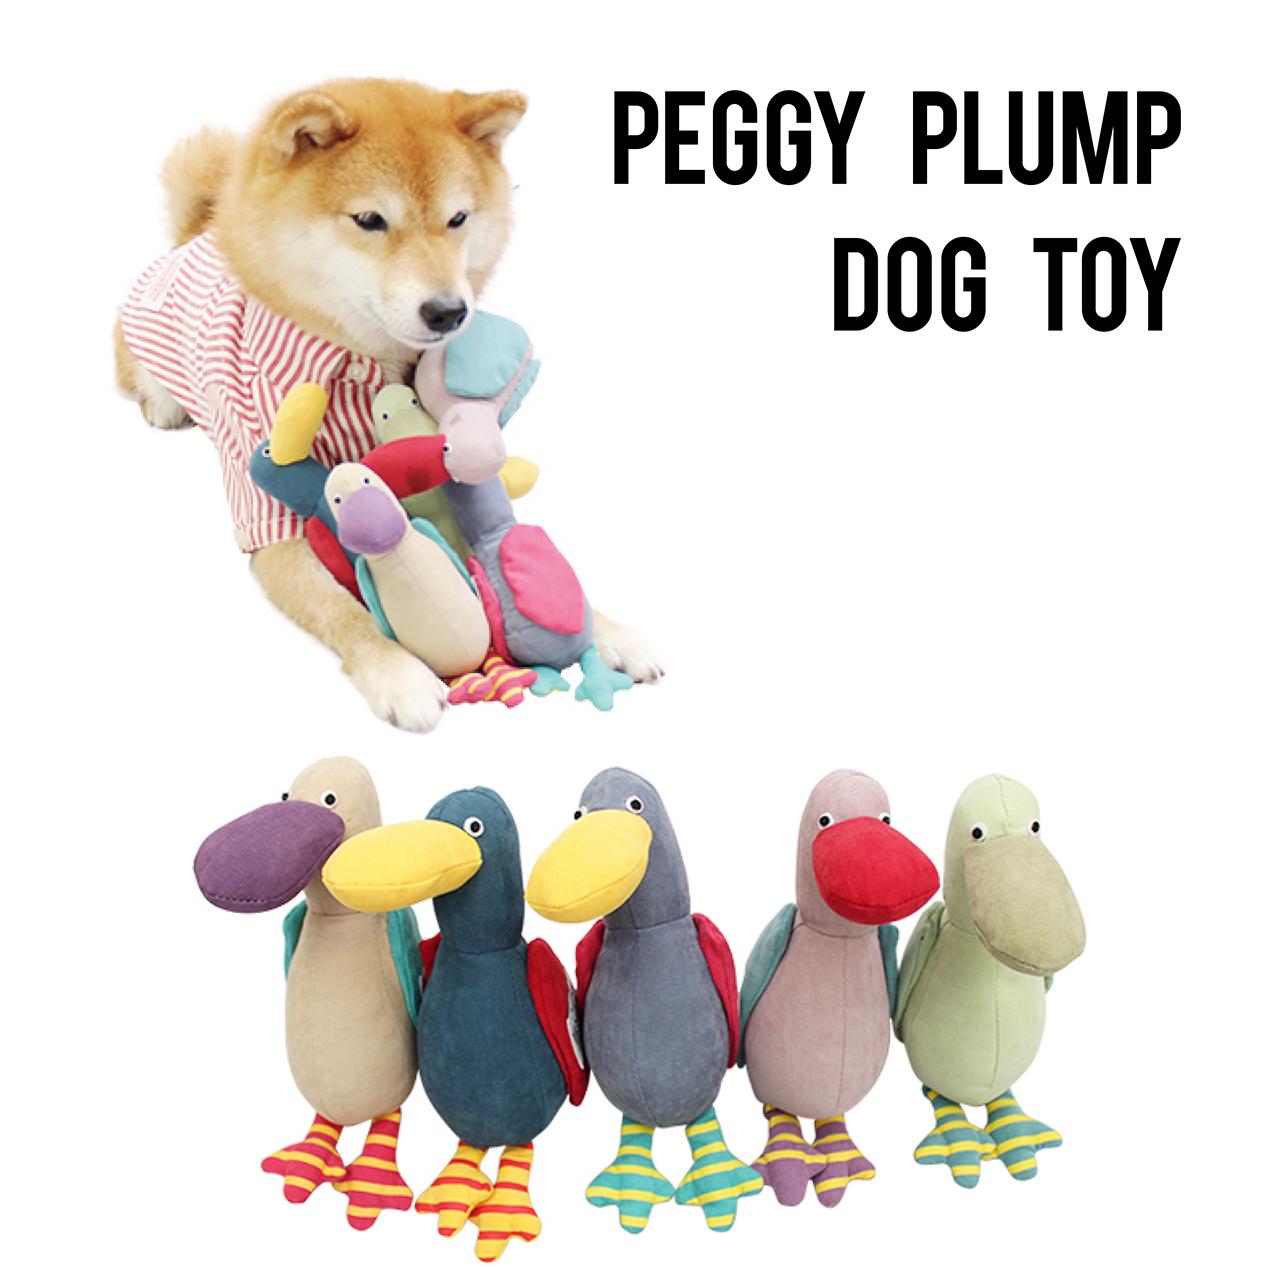 PEGGY PLUMP DOG TOY ペギープランプドッグトイ